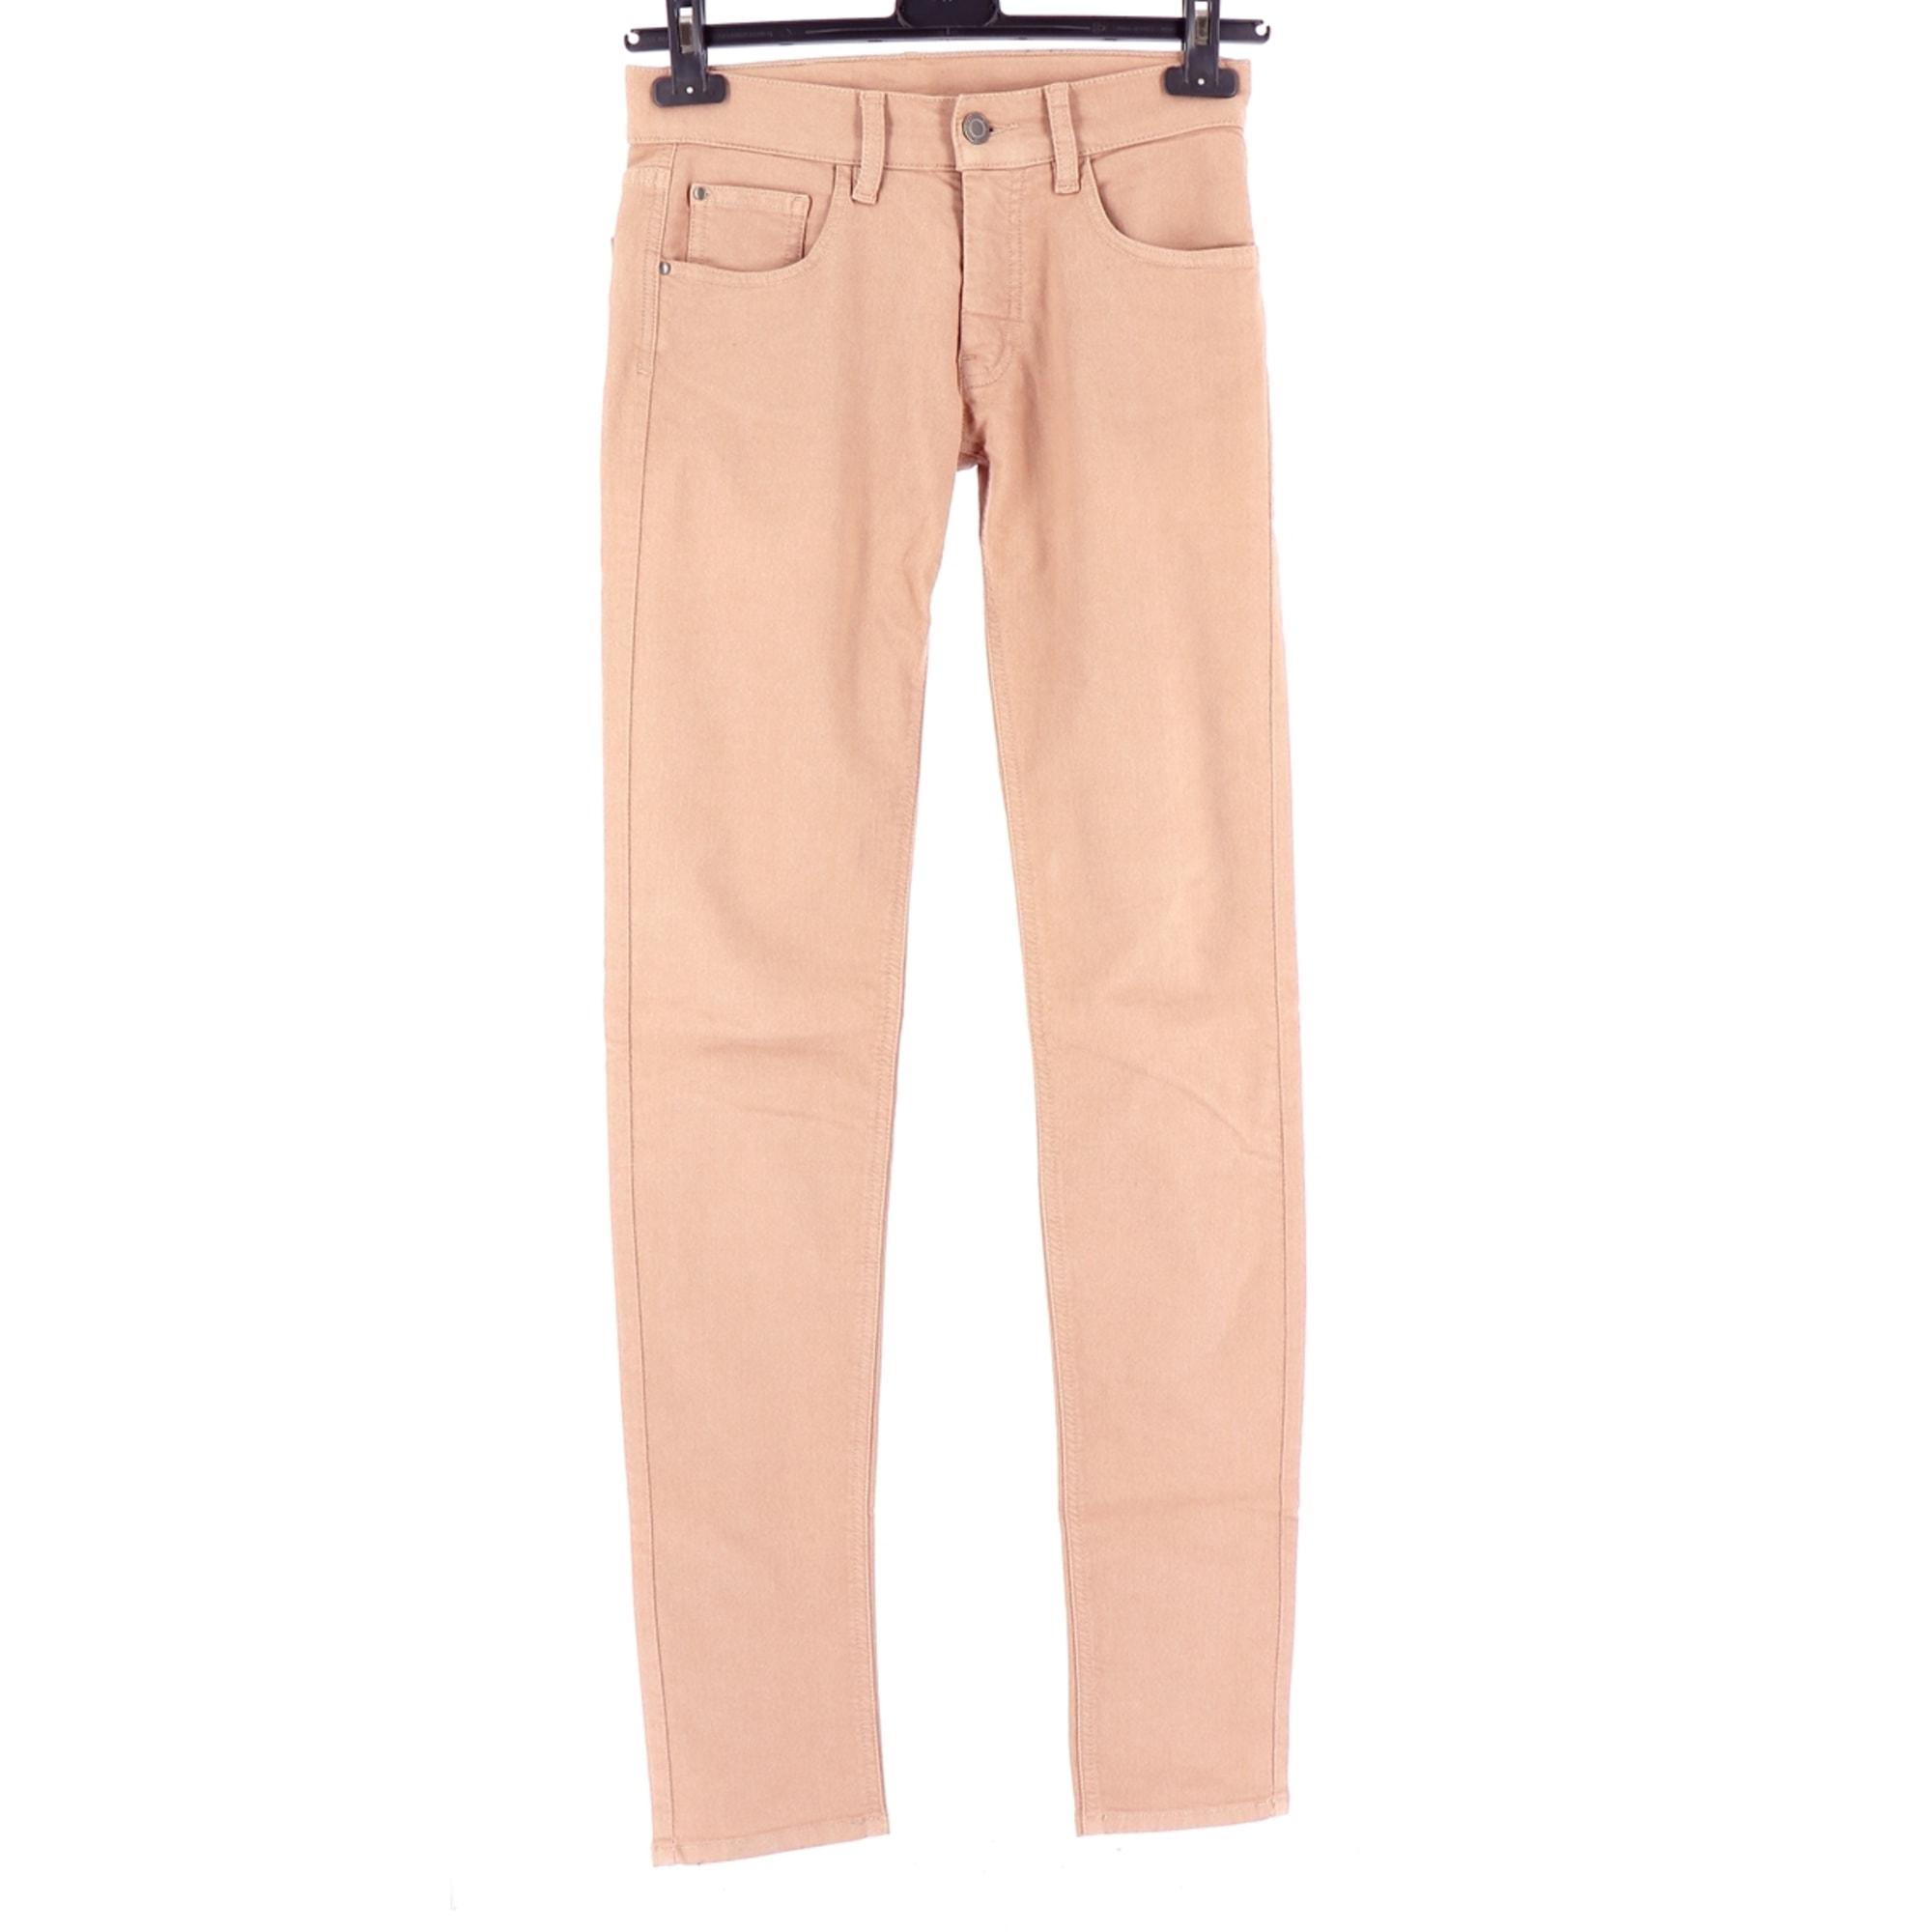 Magnifique Pantalon COMPTOIR DES COTONNIERS FR 38